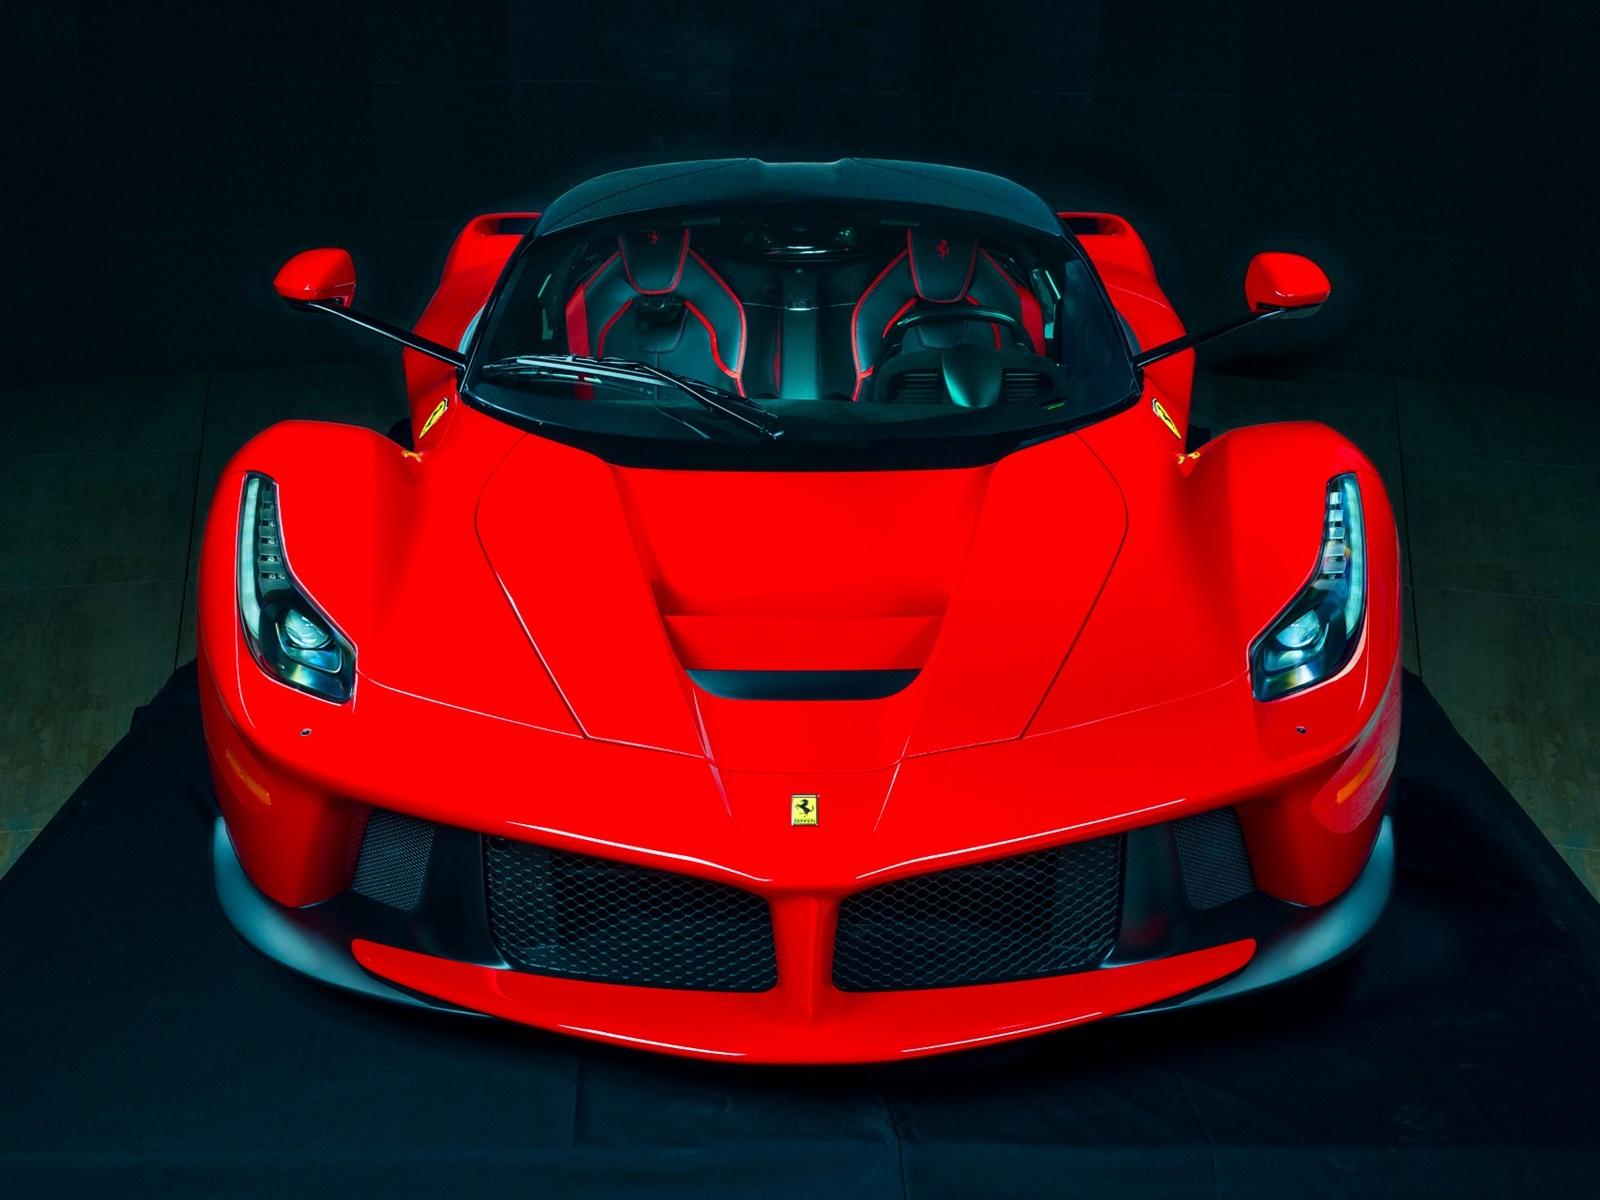 Hintergrundbilder Beschreibung Ferrari Ferrari Laferrari roten